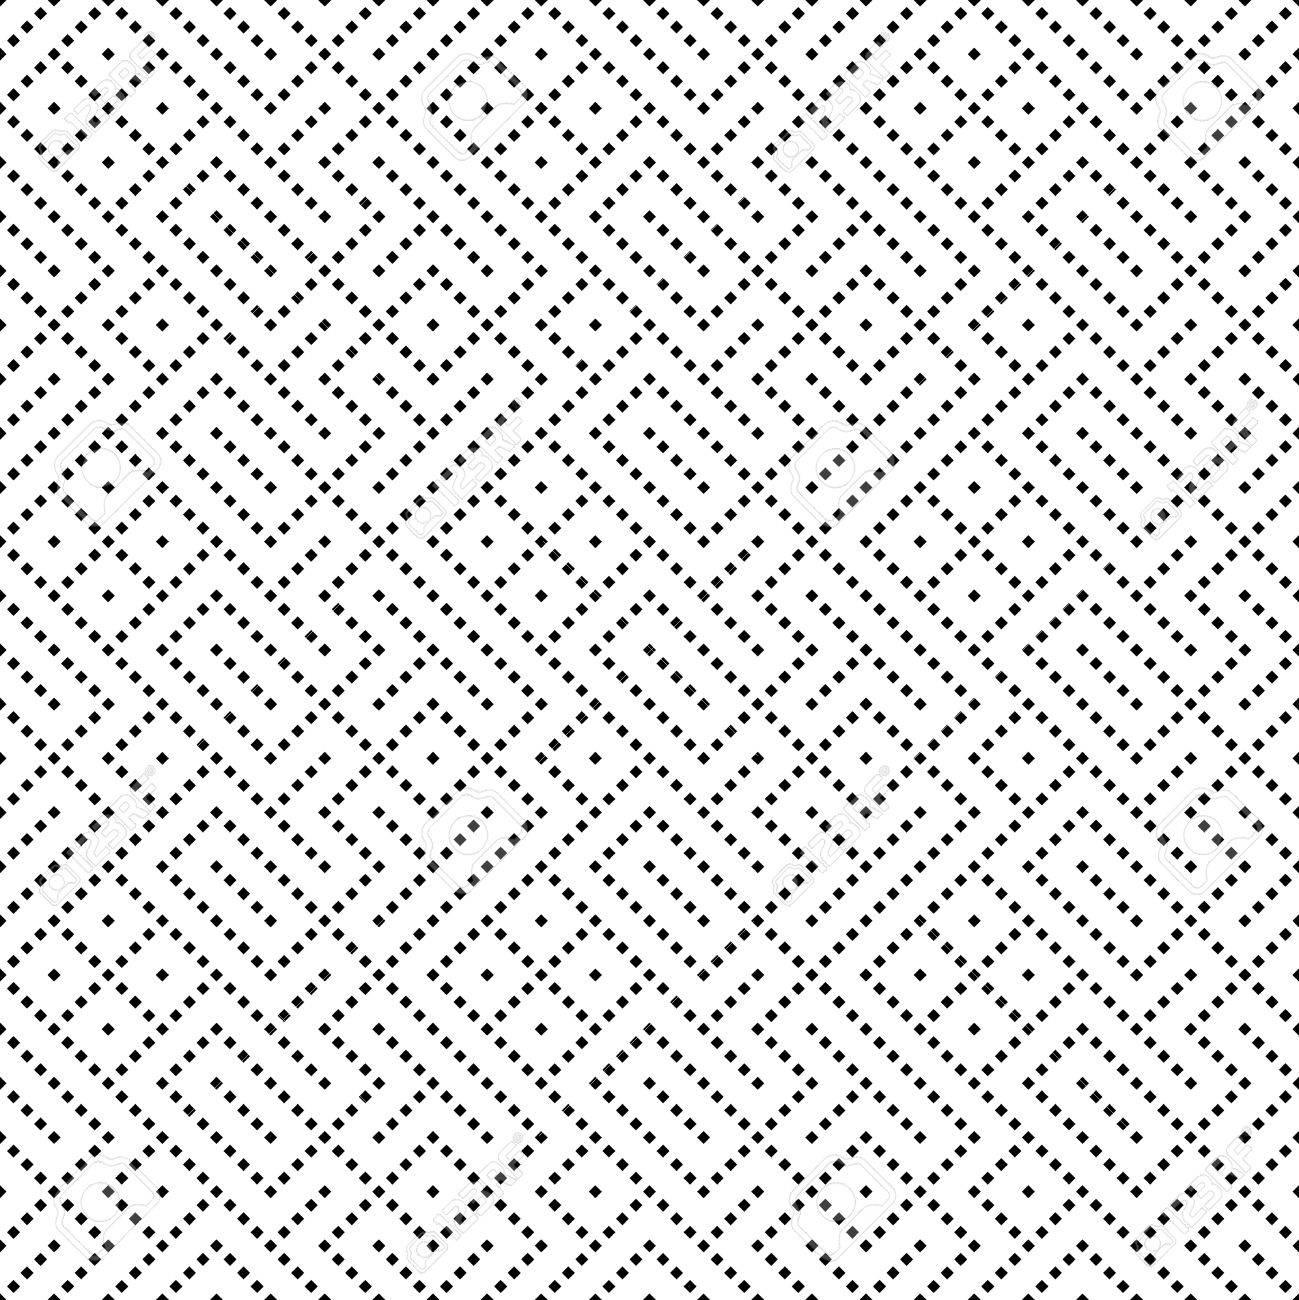 Patrón Transparente. Fondo Geométrico Abstracto Con Pequeños ...